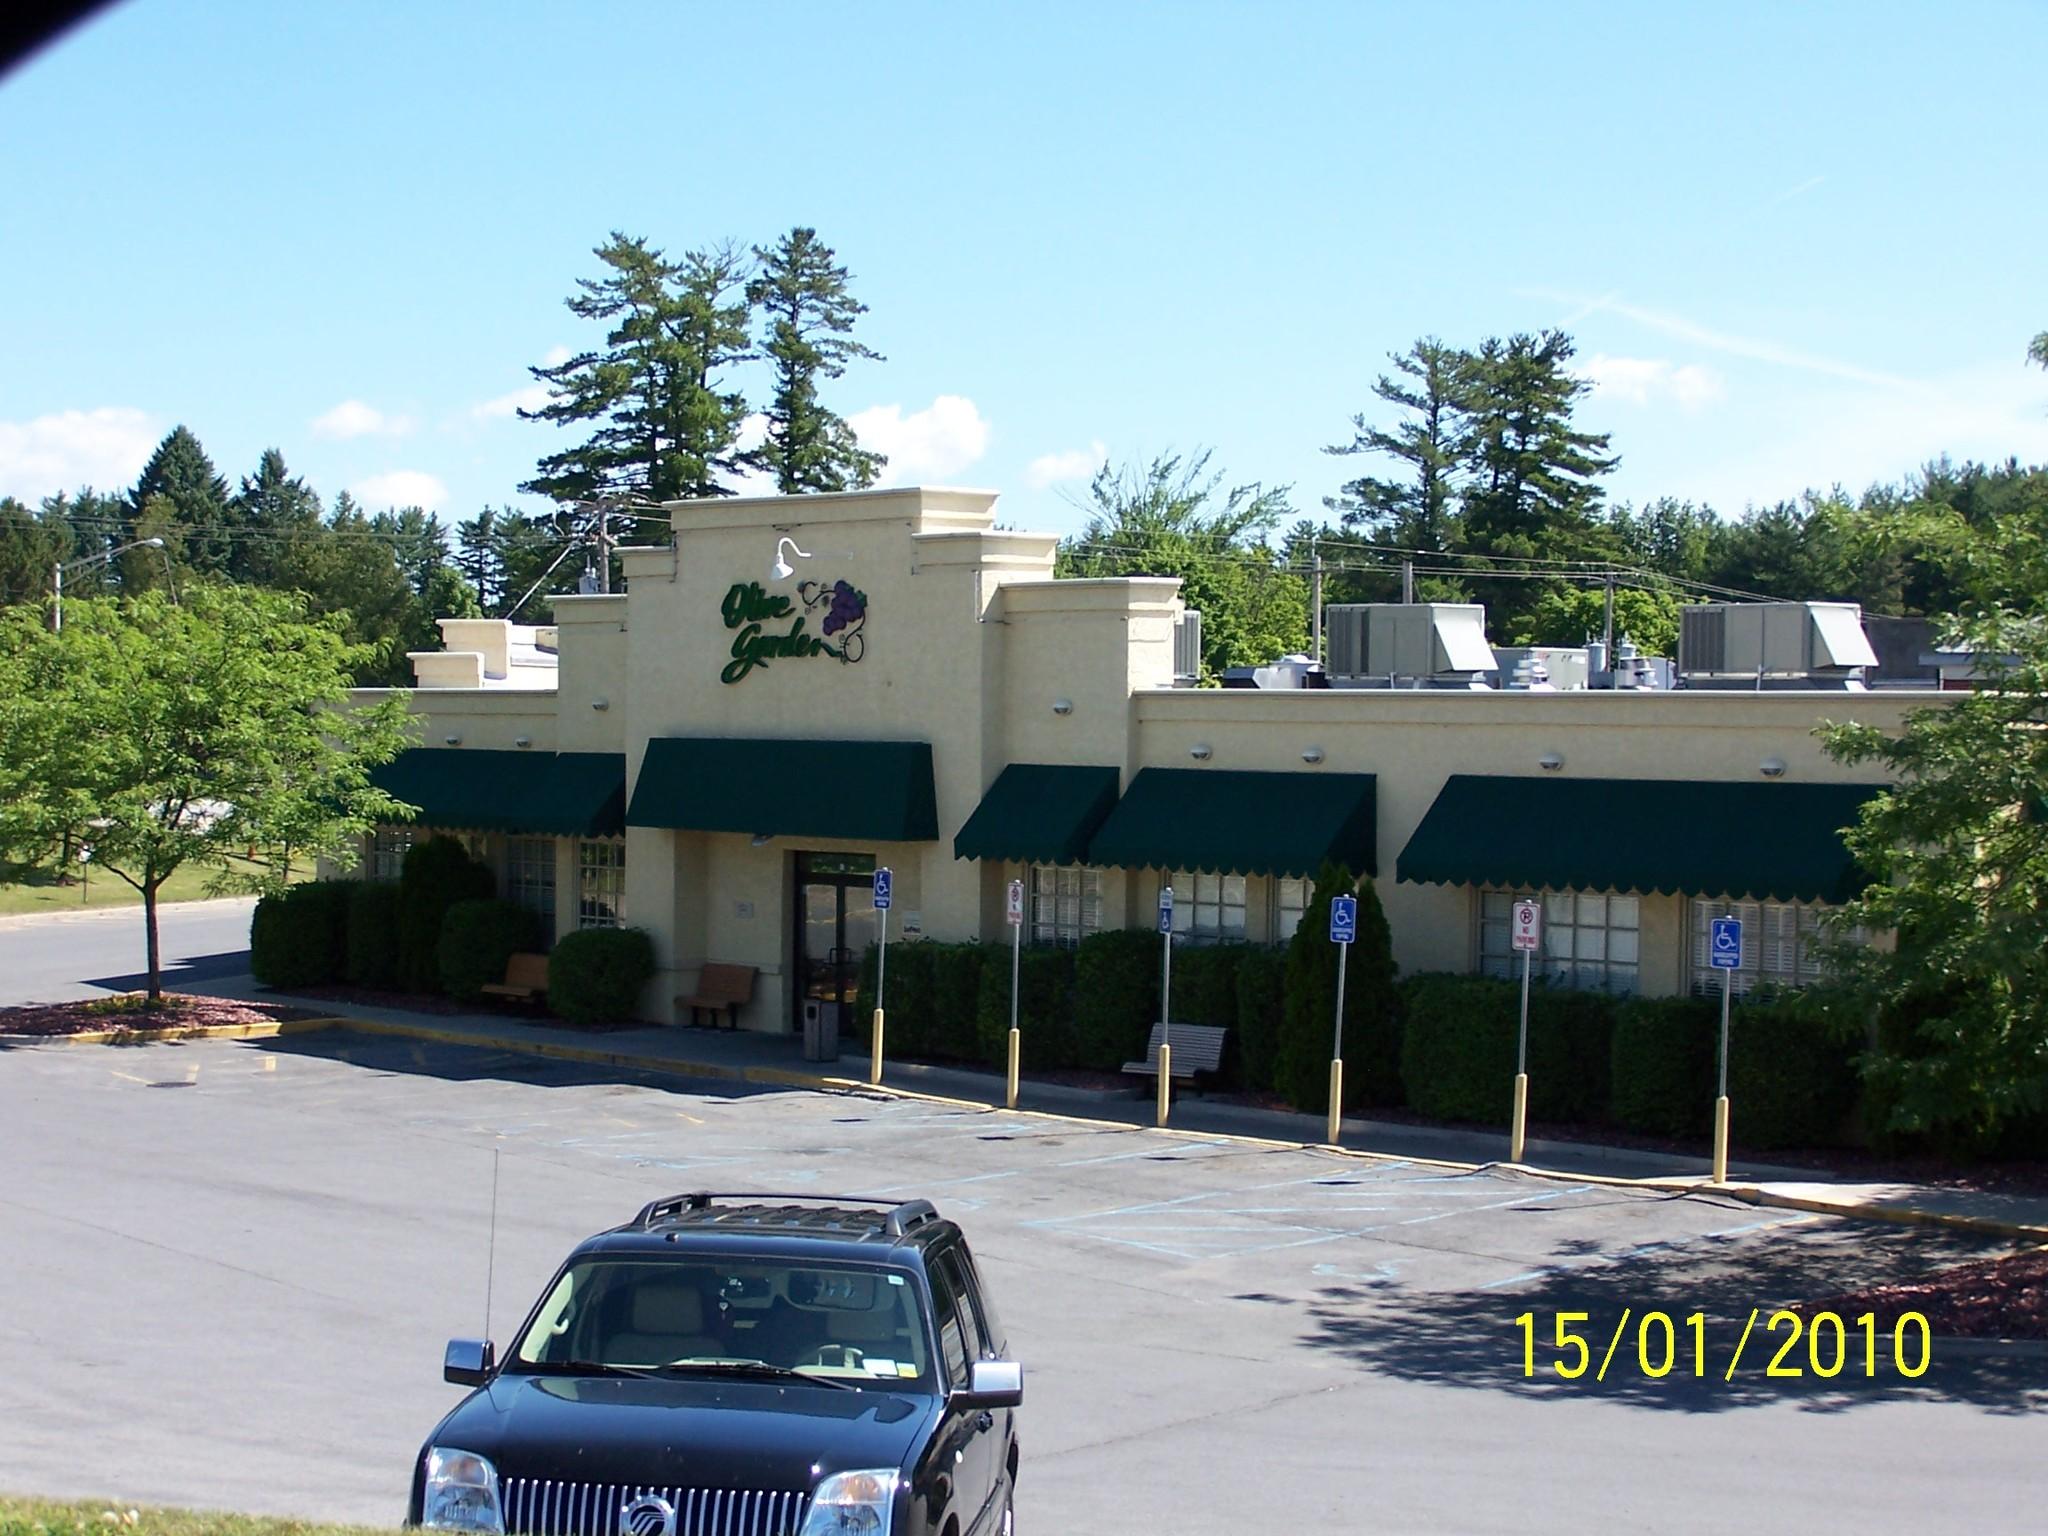 711-756 Upper Glen St - Queensbury Plaza